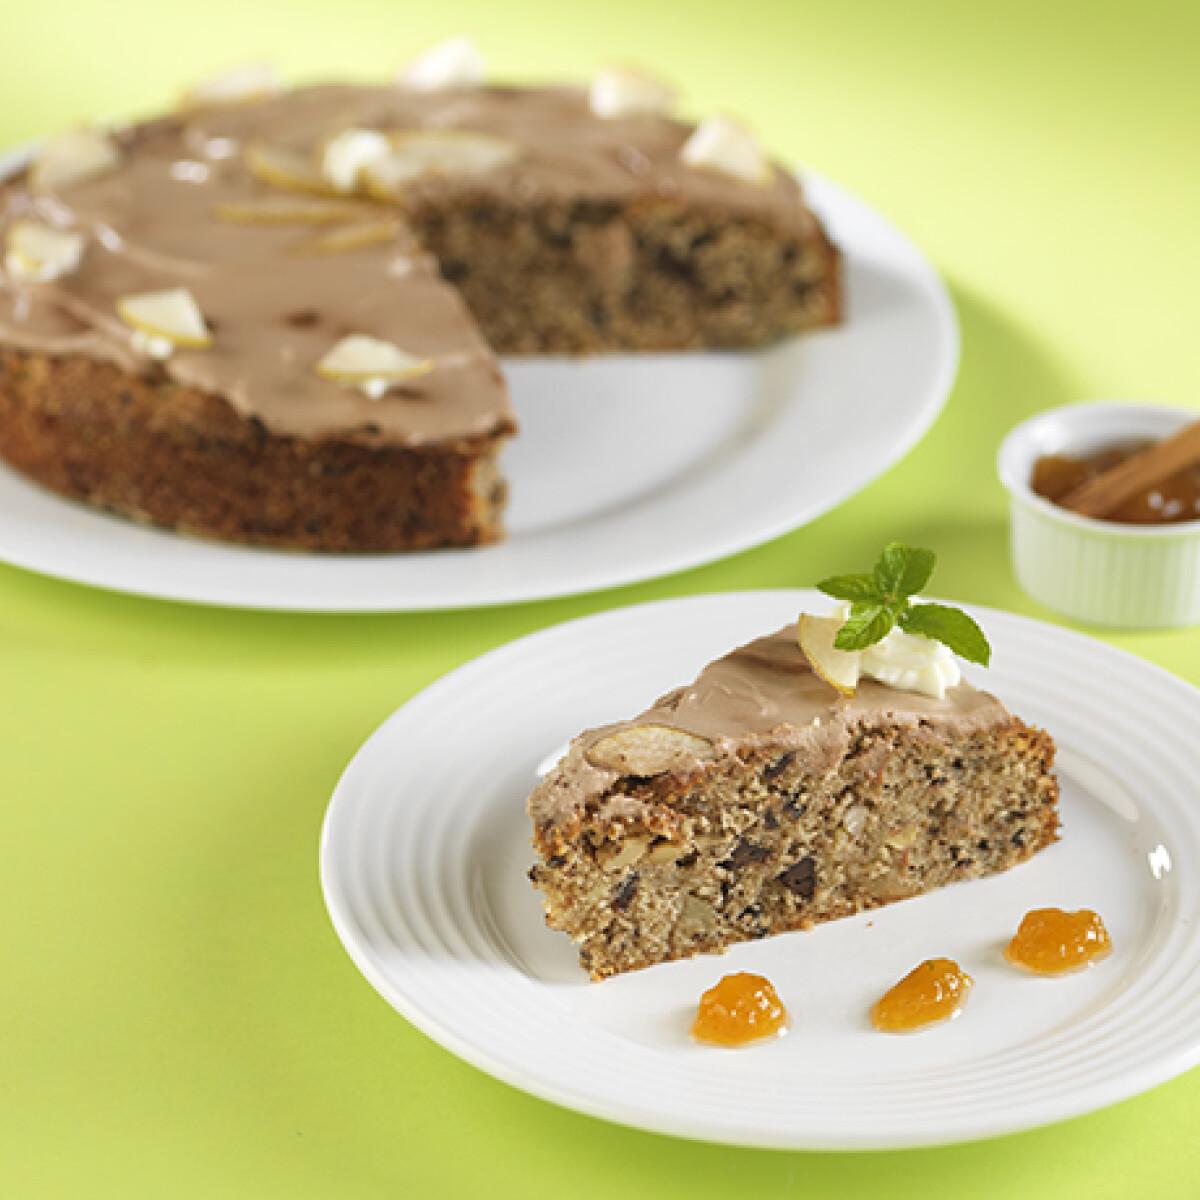 Ezen a képen: Csokoládés-körtés torta fahéjas körtelekvárral